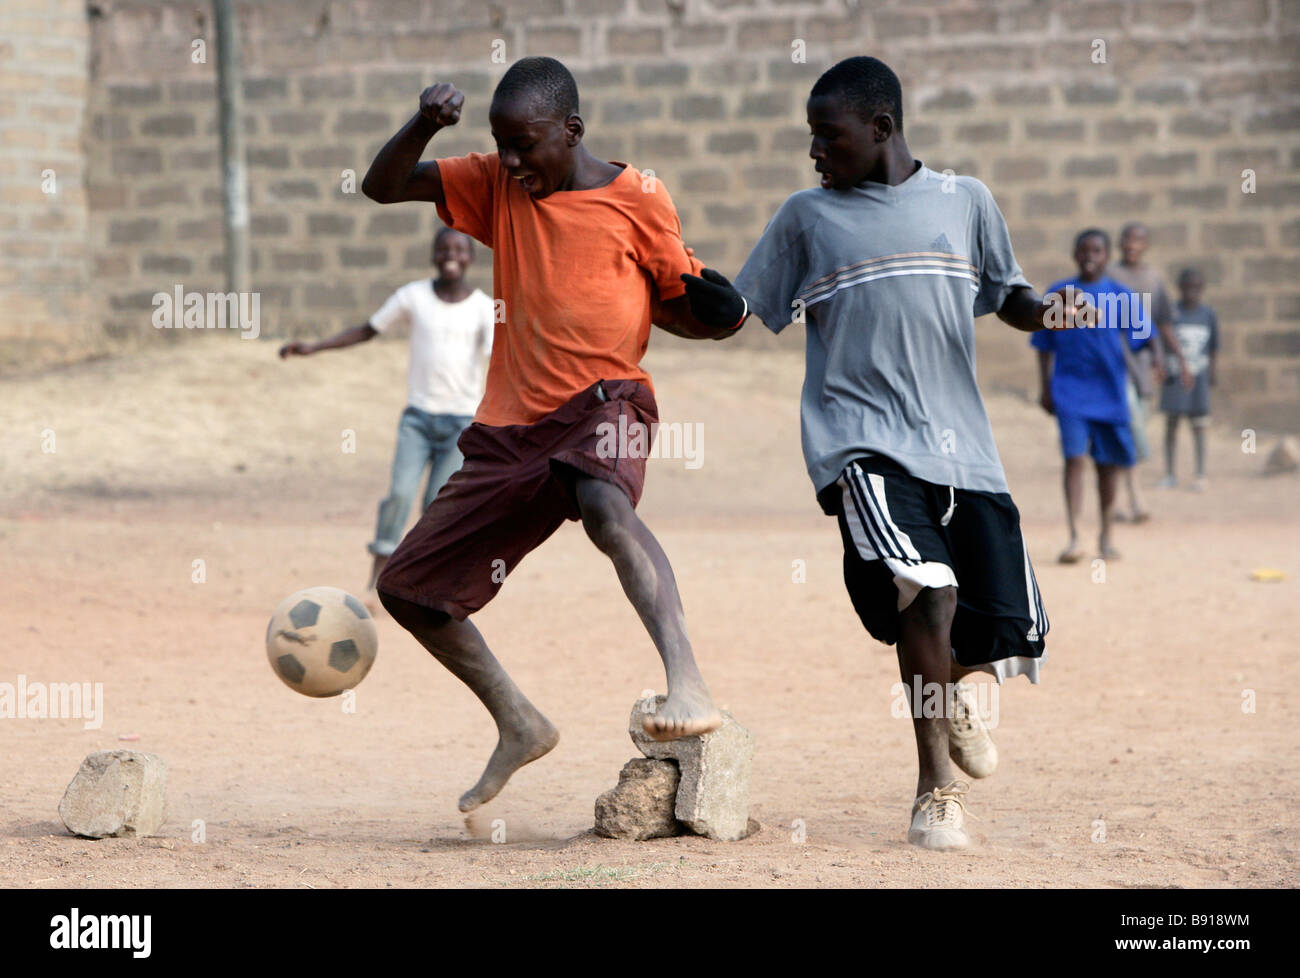 Nigeria: i ragazzi giocare a calcio, calcio Immagini Stock